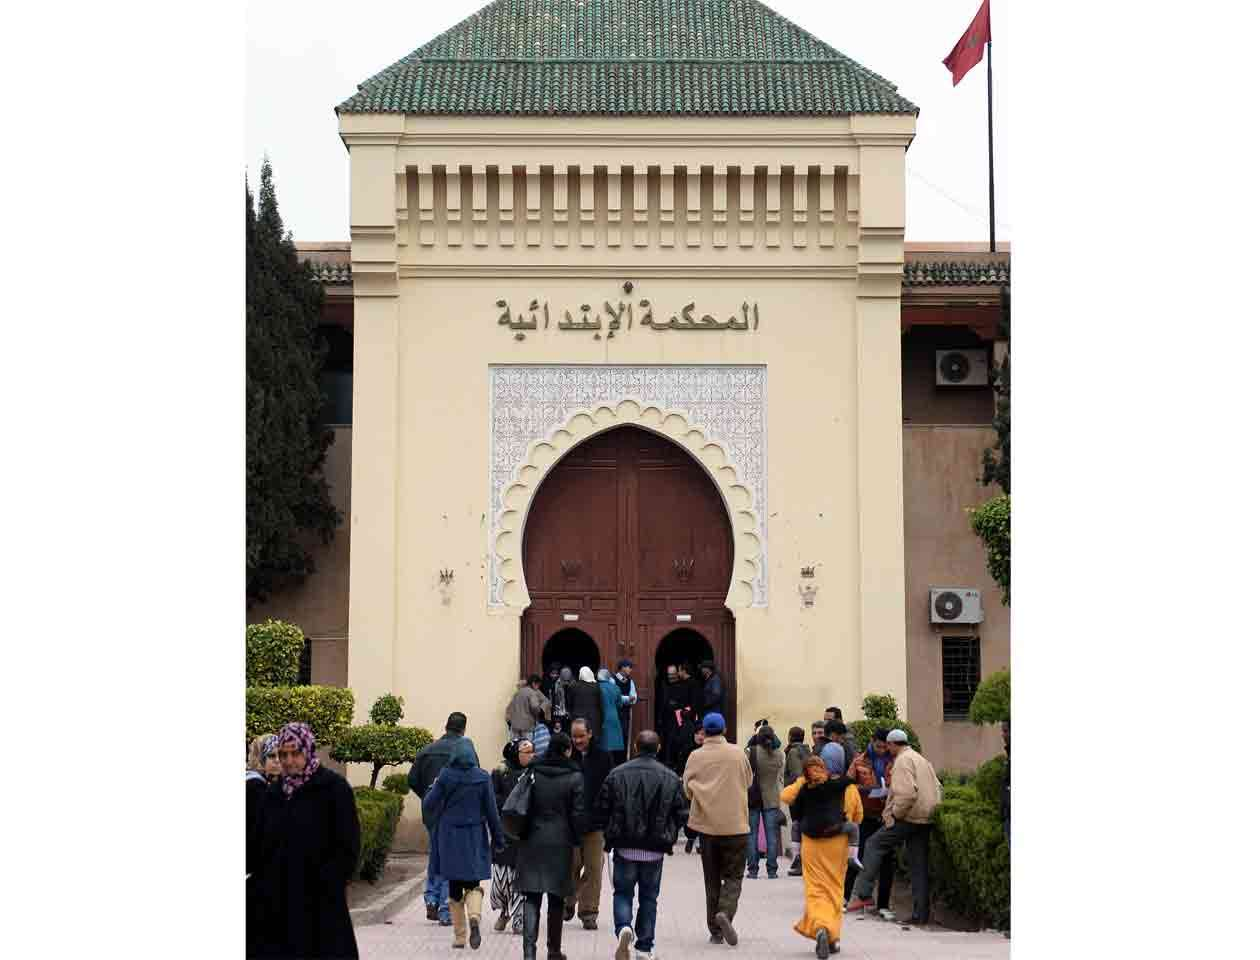 Vista general de la Corte de Marrakech, donde se realizó la audiencia del ciudadano francés Jean-Luc G, acusado de pederastia y condenado a dos años de cárcel Foto: FADEL SENNA/AFP